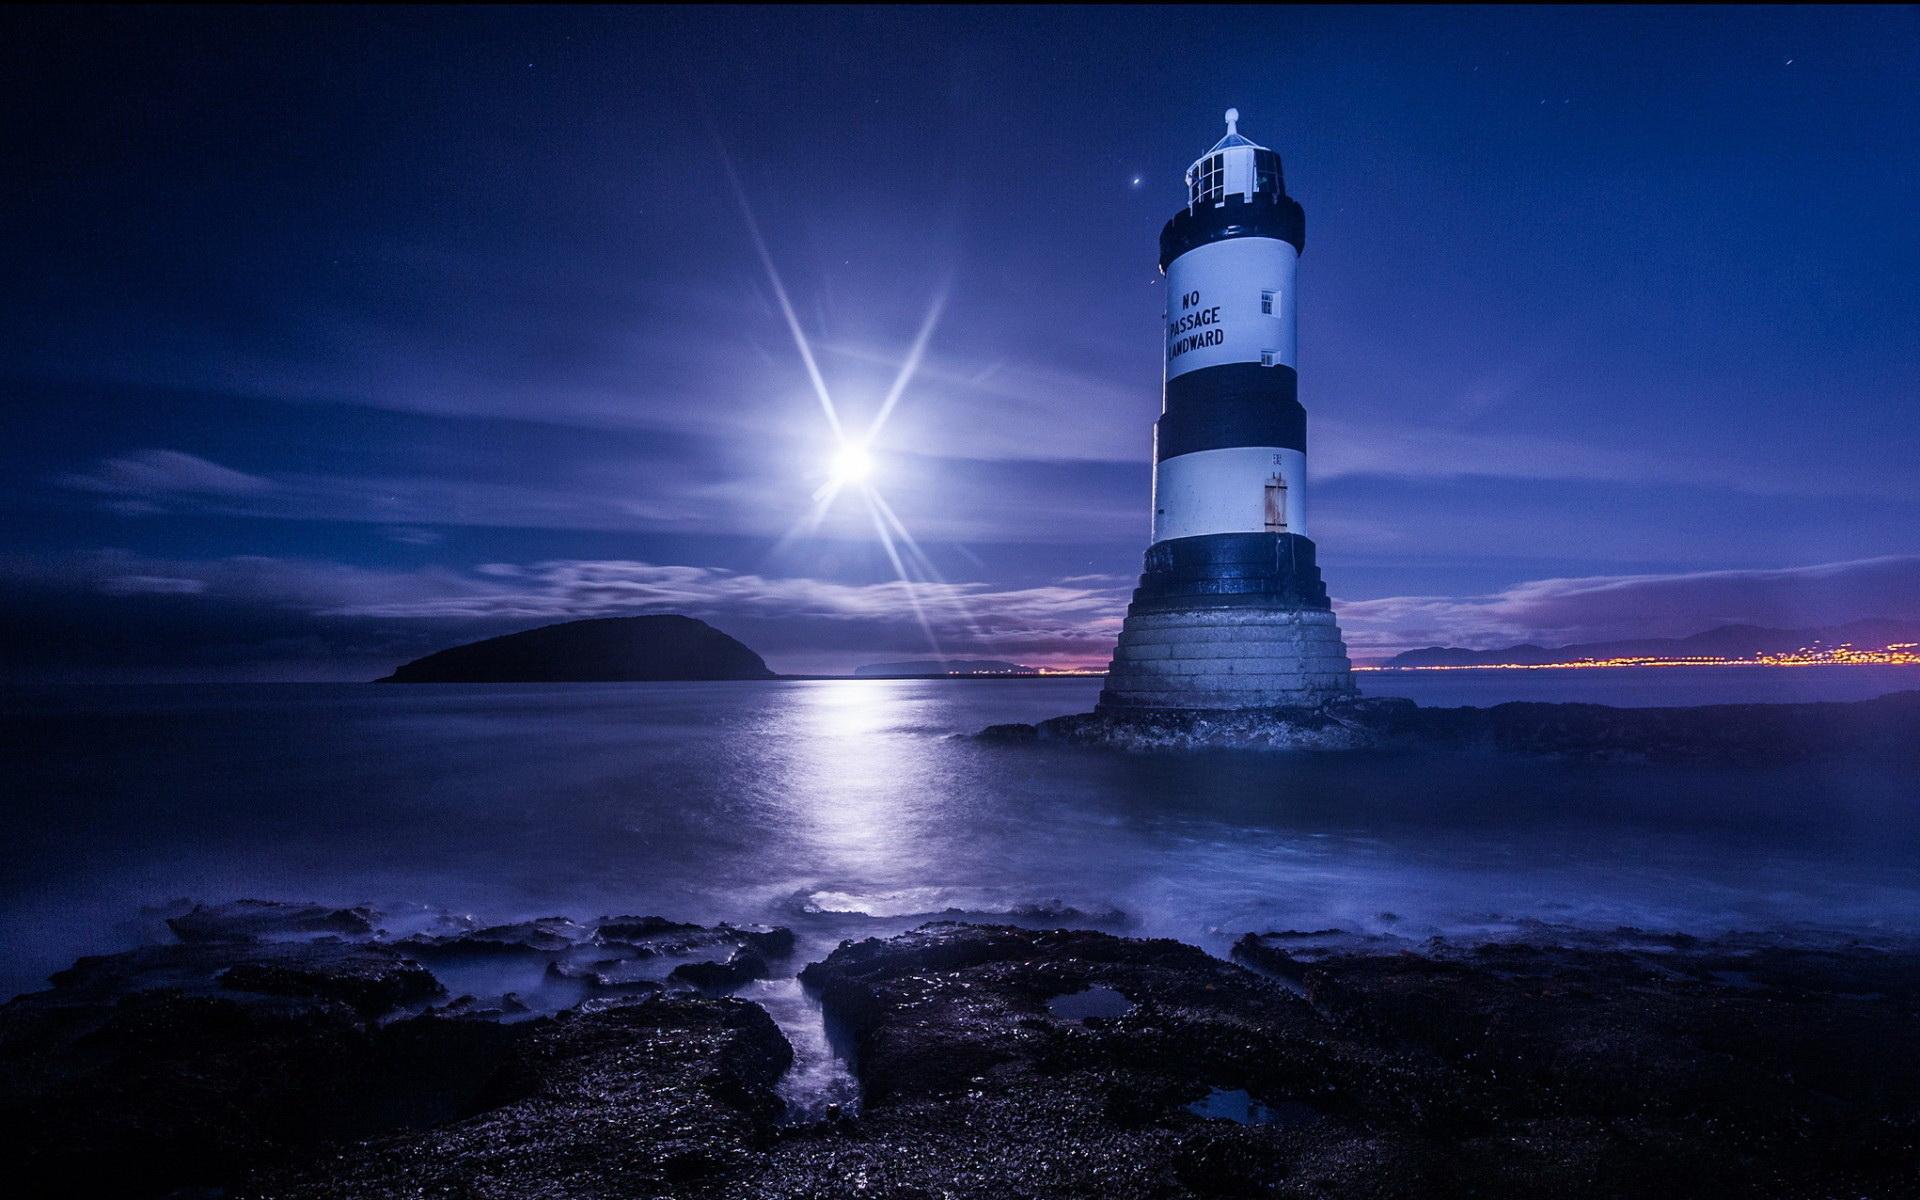 lighthouse wallpaper desktop - photo #10